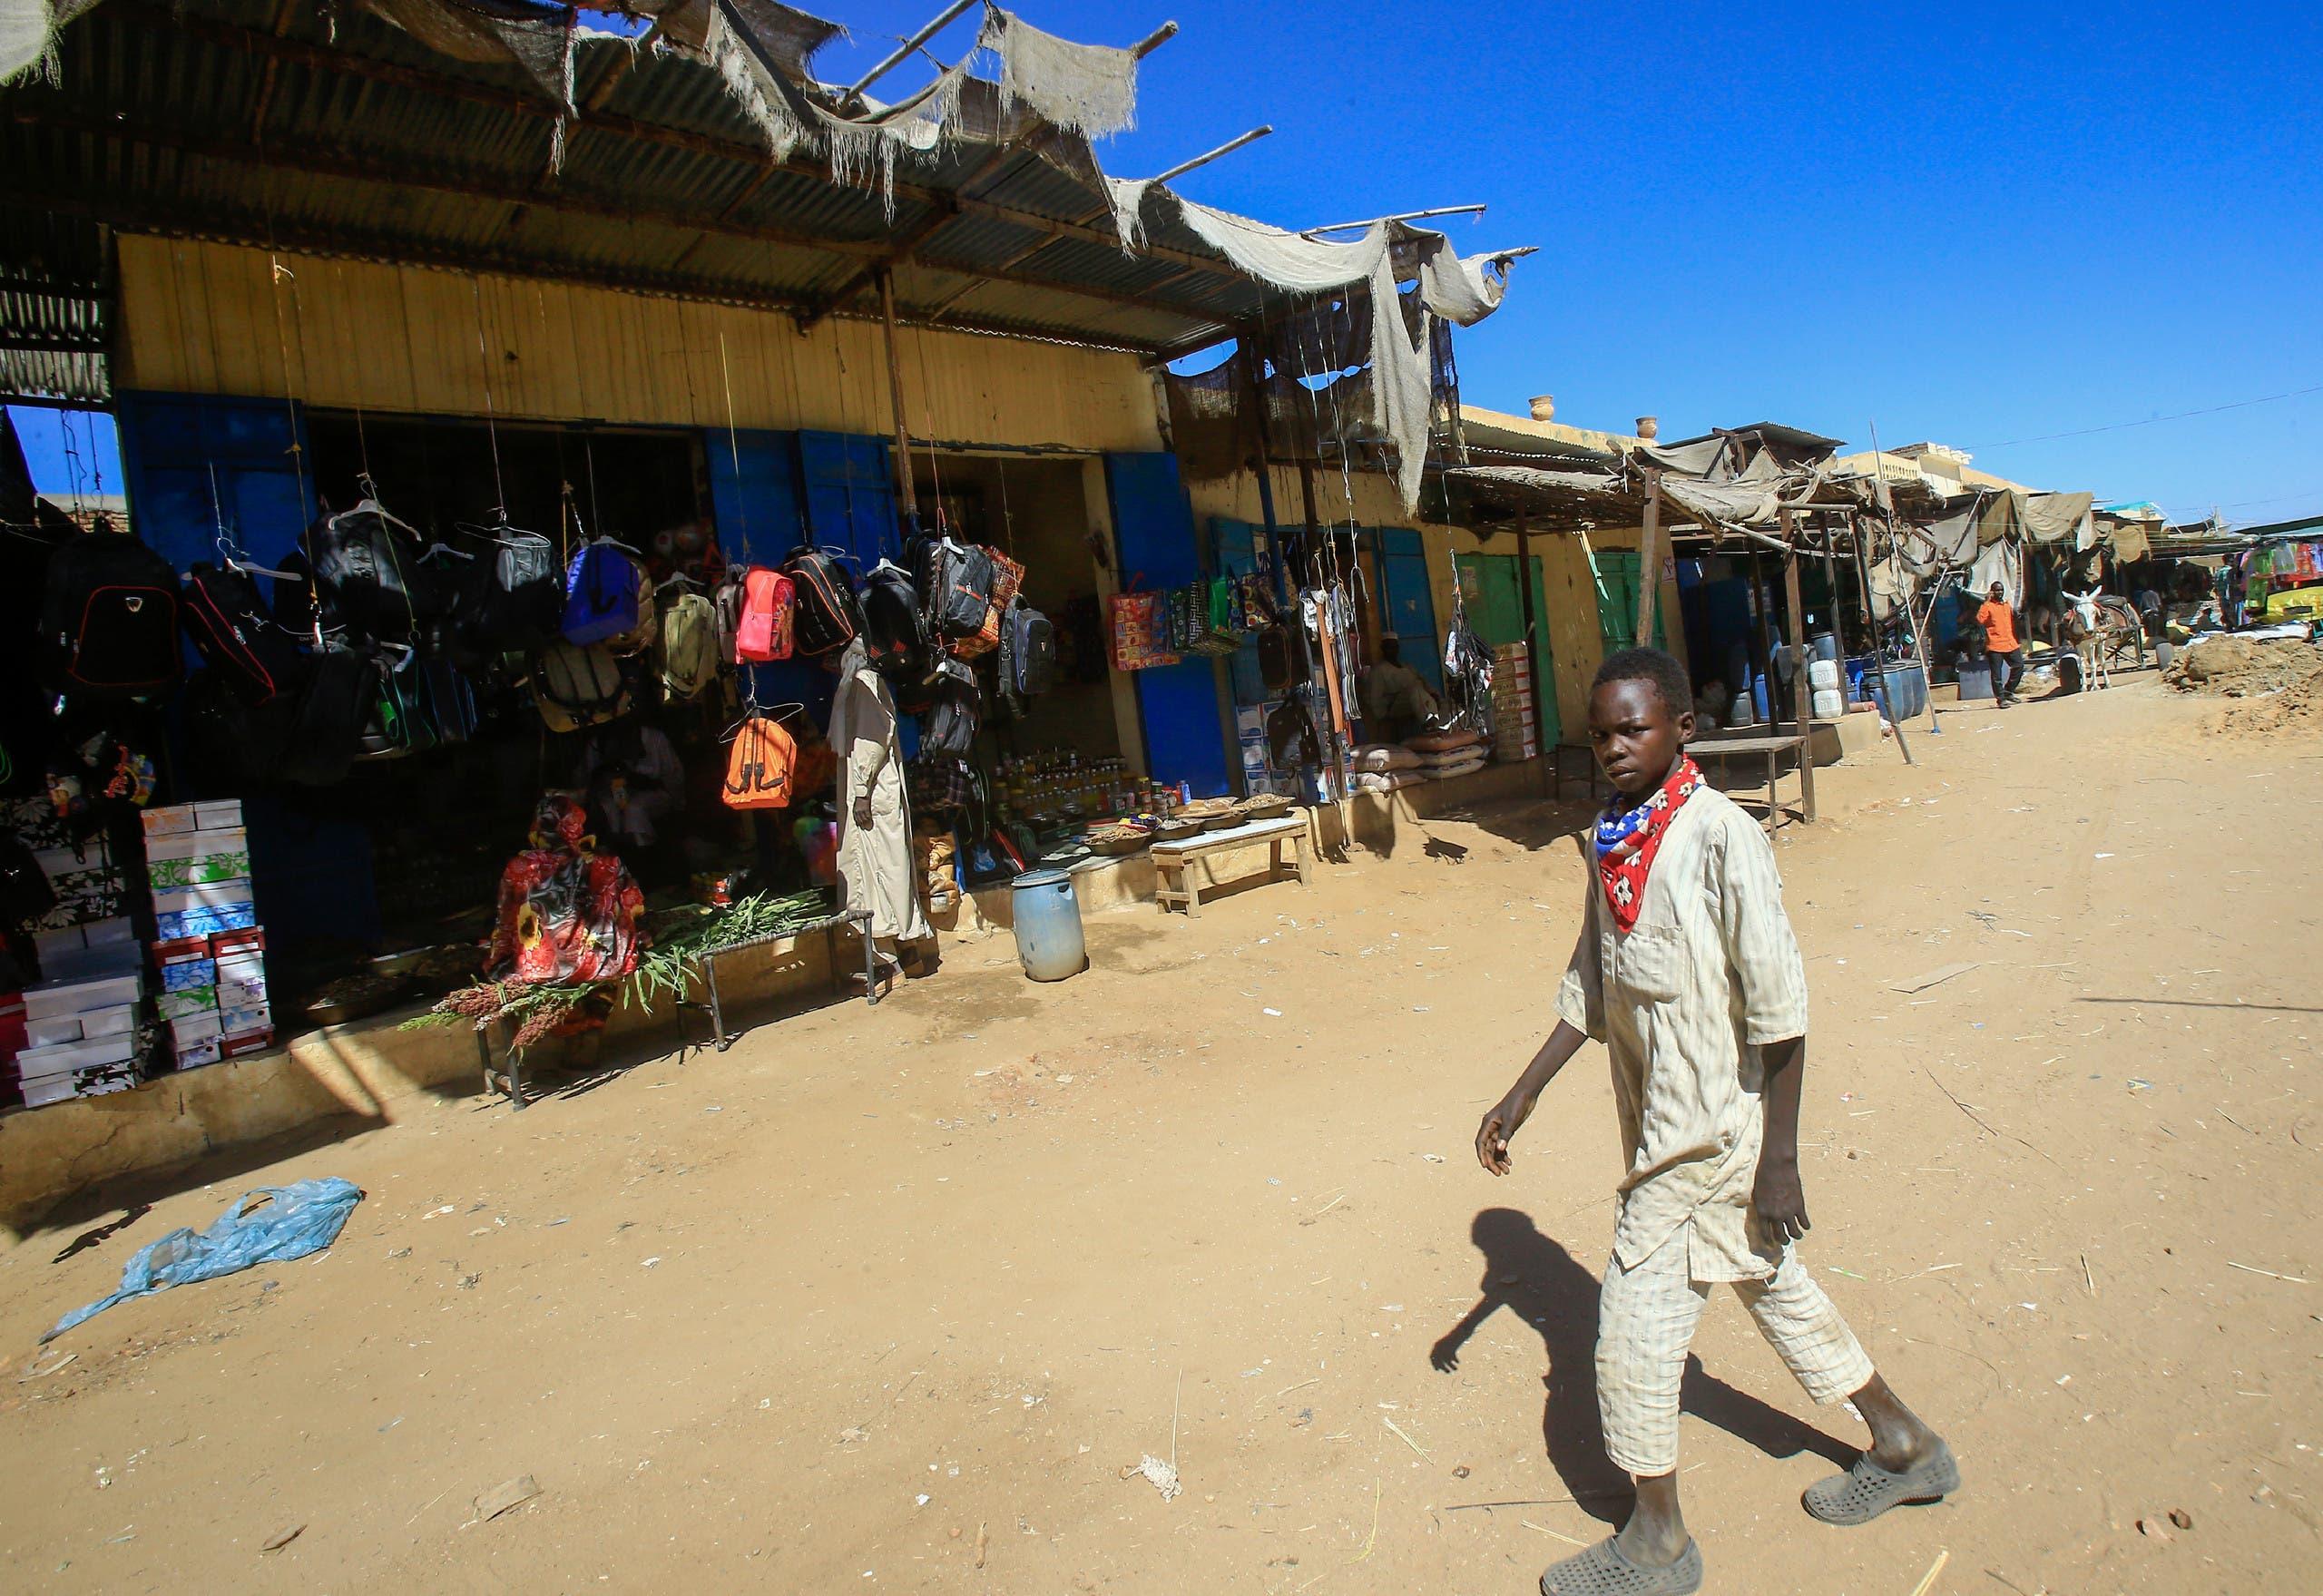 مخيم نازحين في دارفور (أرشيفية)